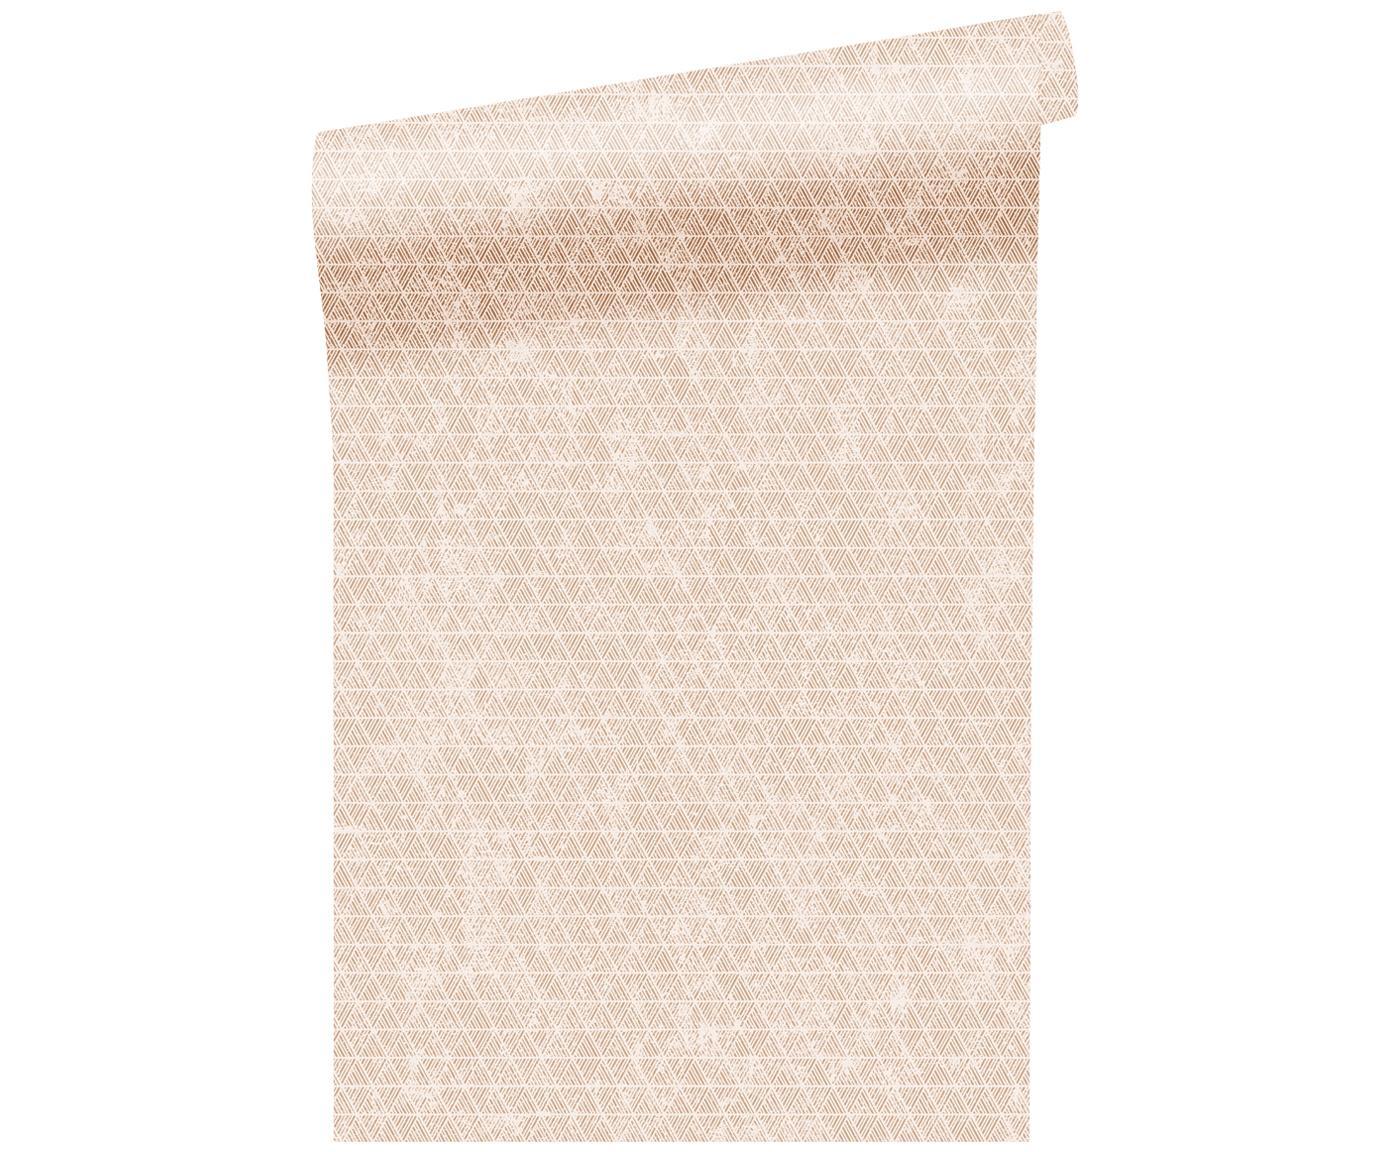 Carta da parati Luxury Triangle, Vello, Dorato , bianco, P 52 x L 1005 cm